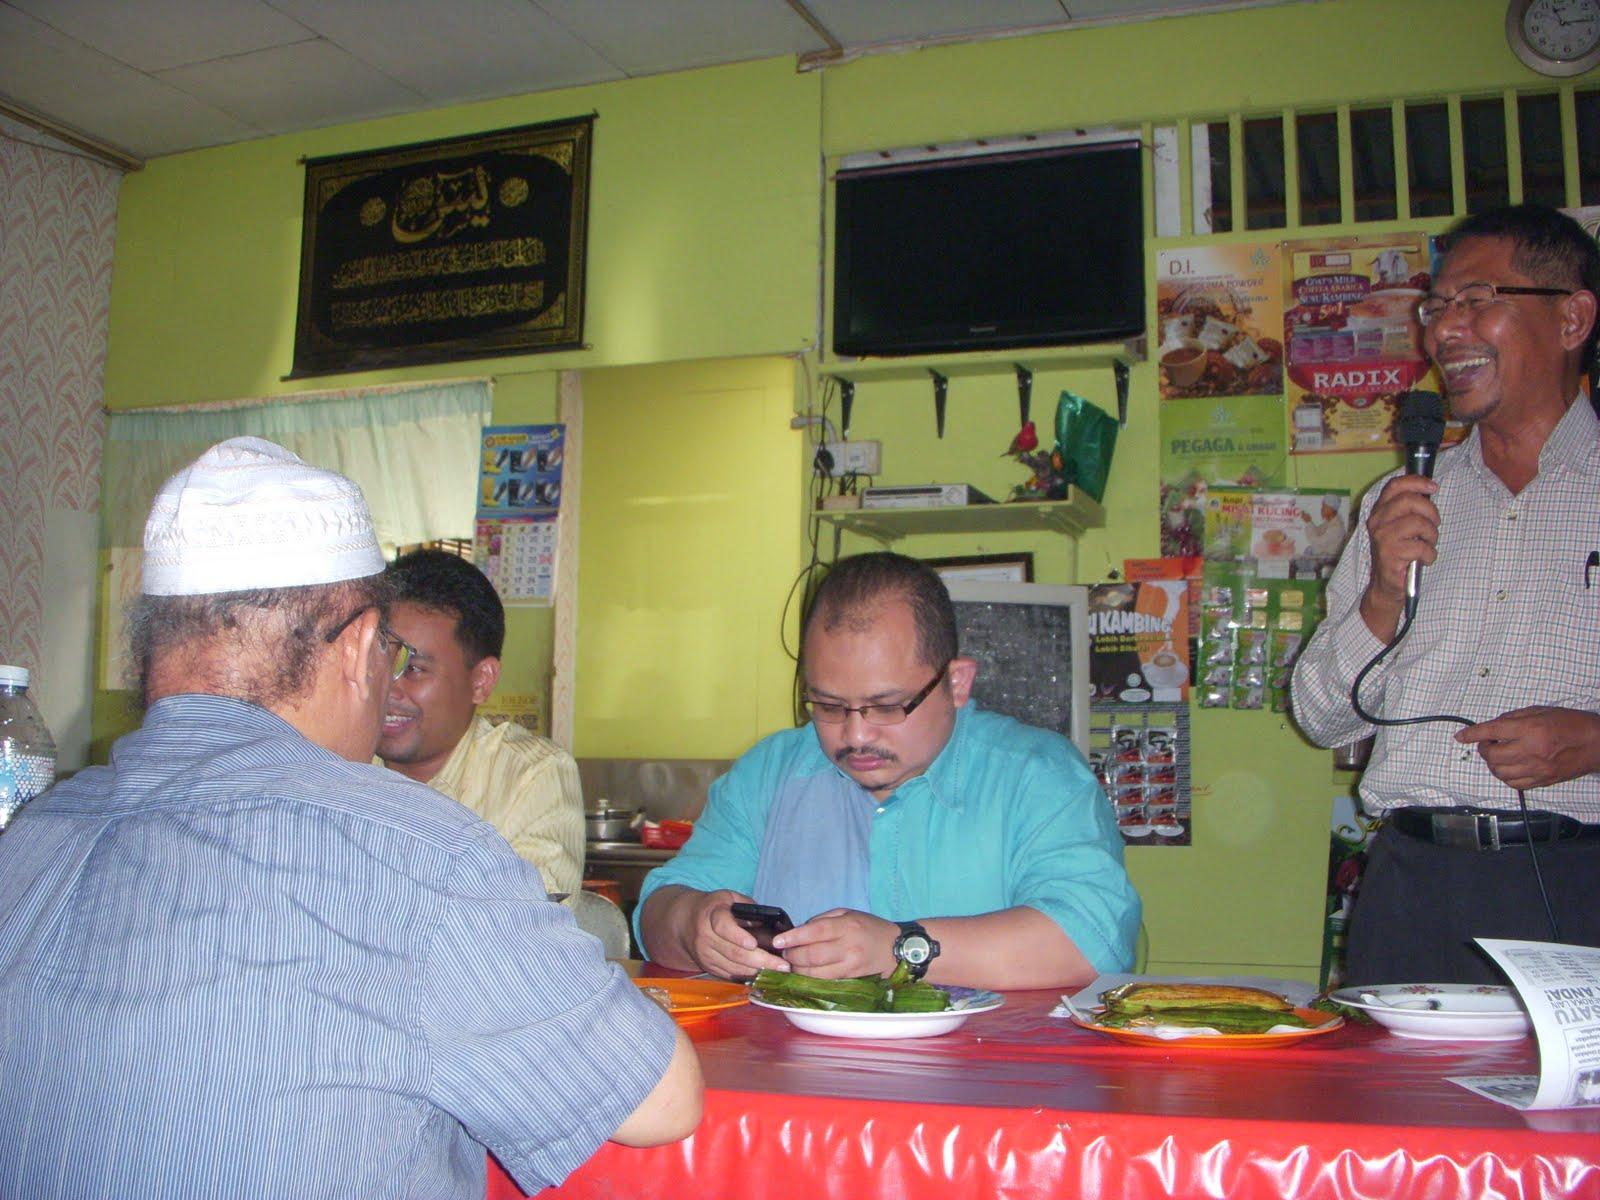 Suhaimi Said memulakan ucapannya dengan gurauannya bertanya mengenai harga gula di Felda Sg Tengi Apabila dijawab harga gula berharga RM2 30untuk 1 kilo